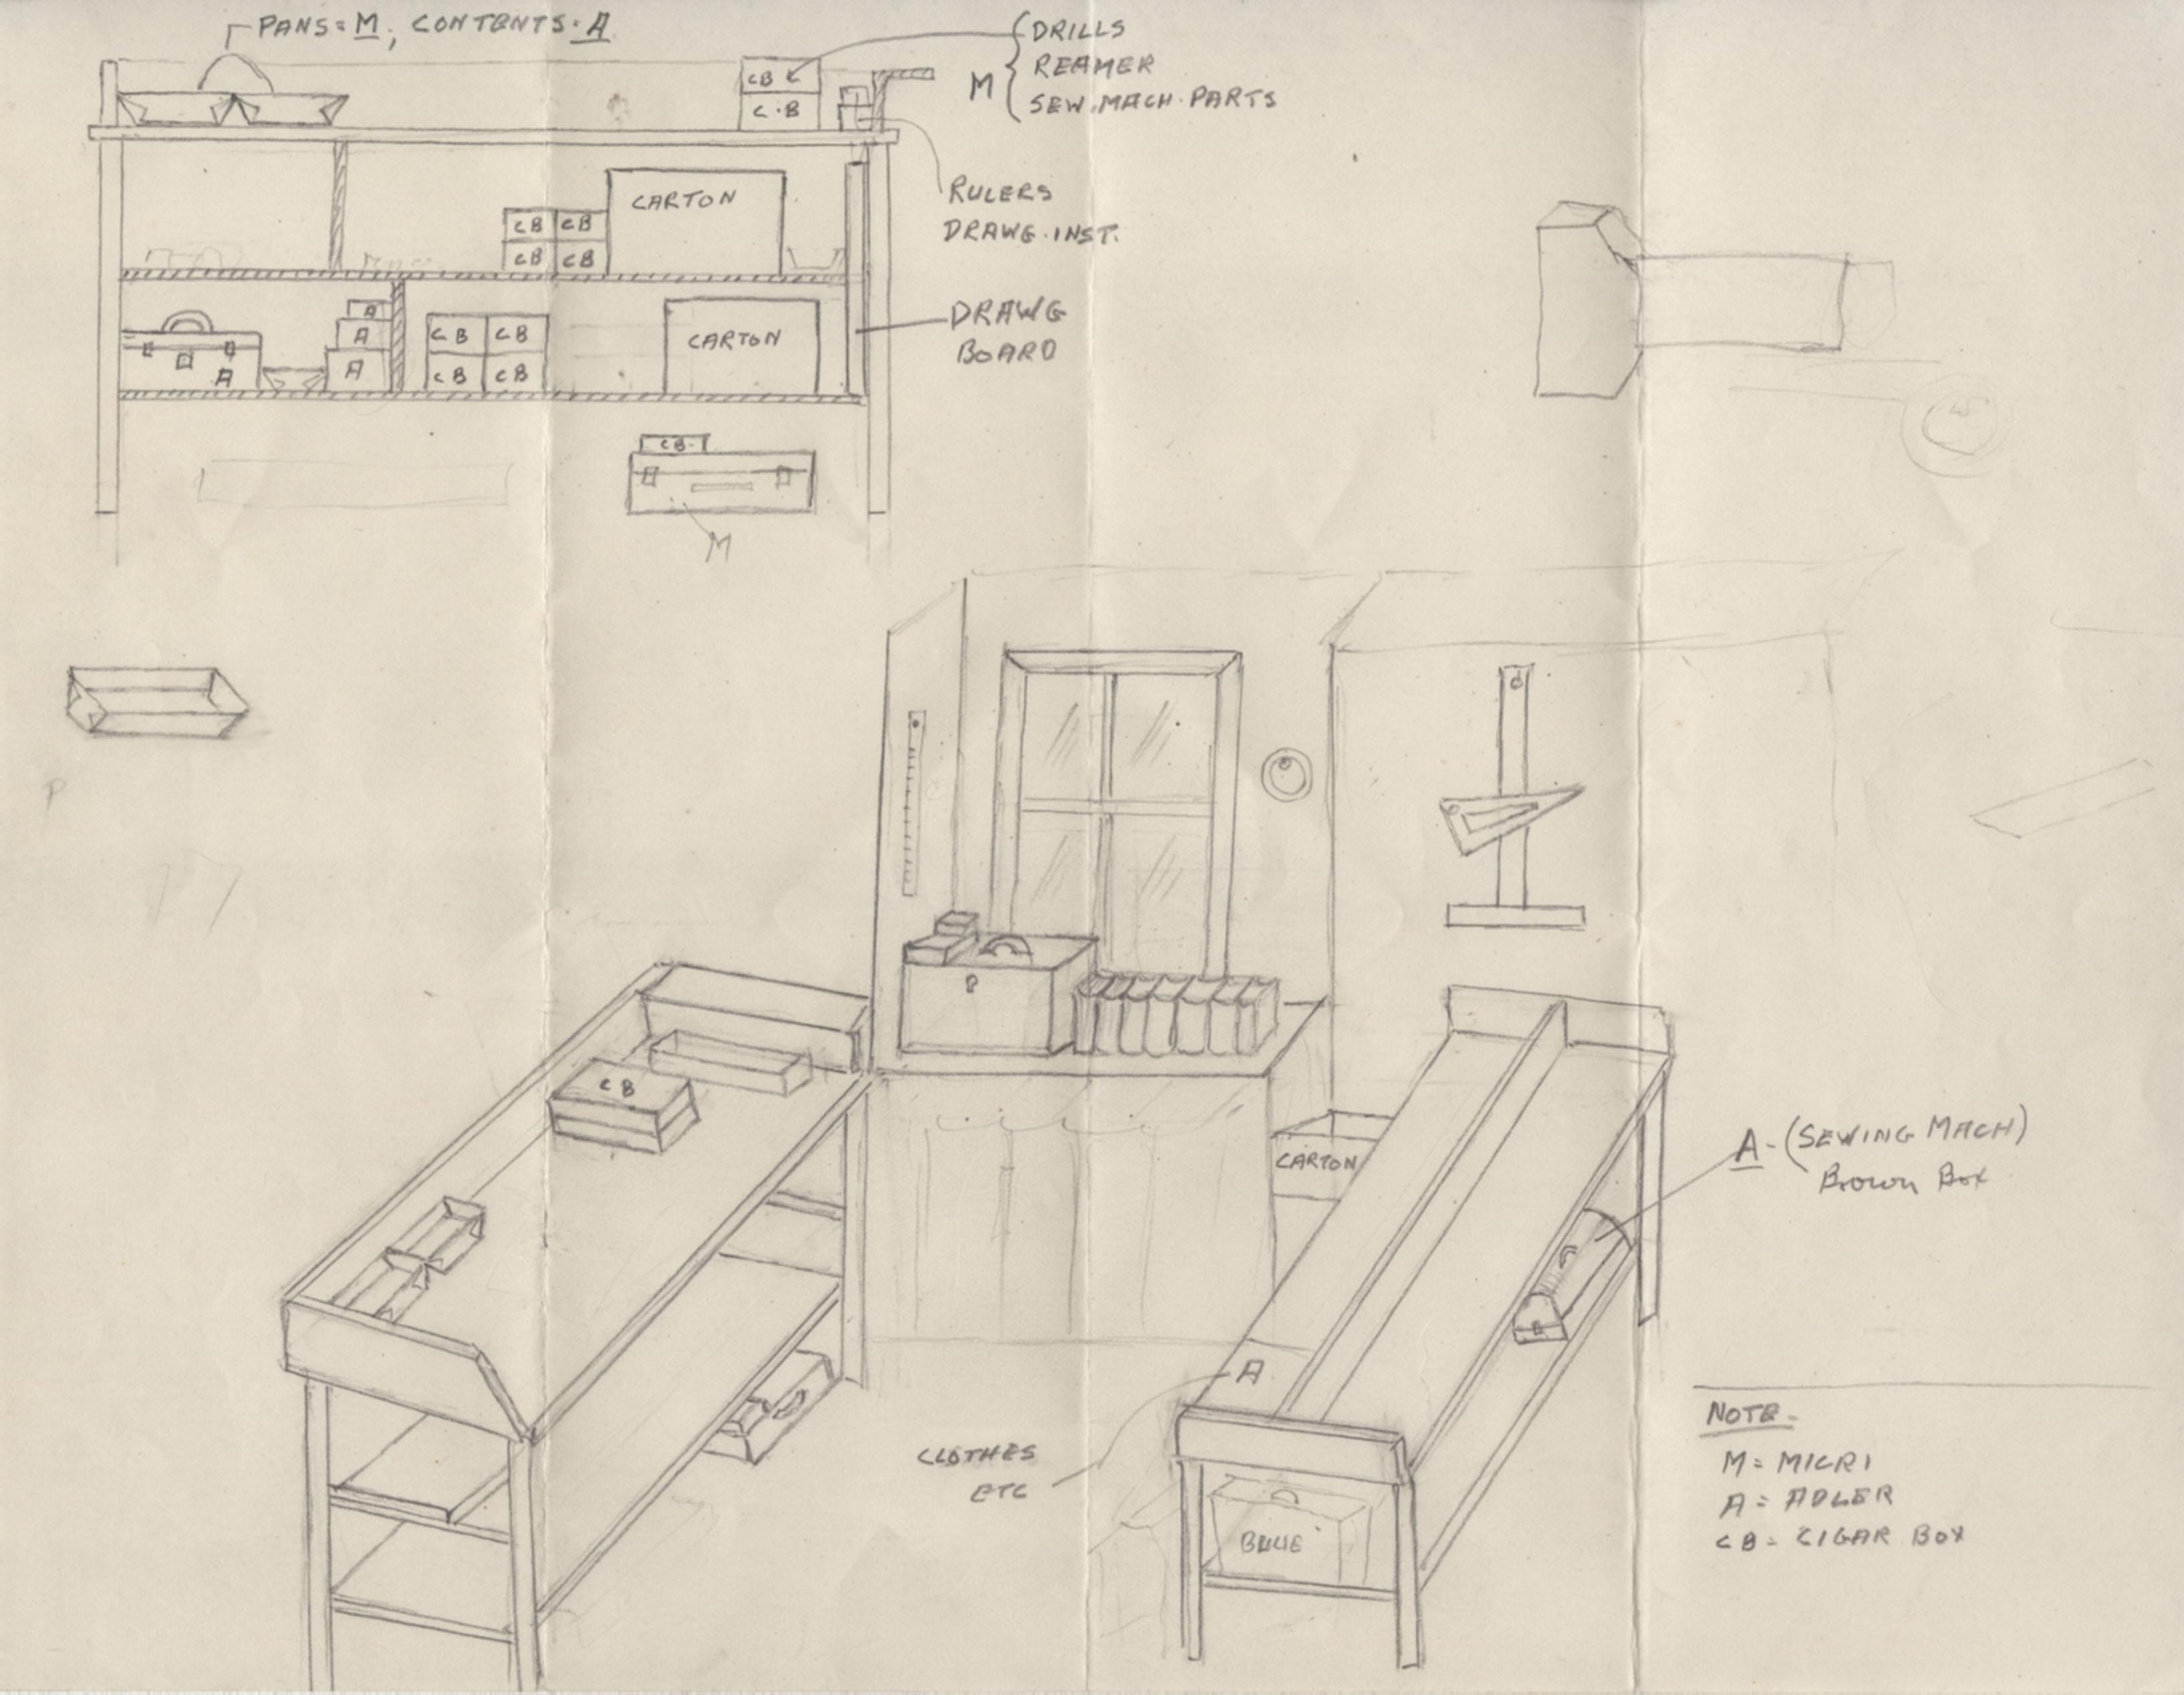 Sketch of Sol Adler's workshop